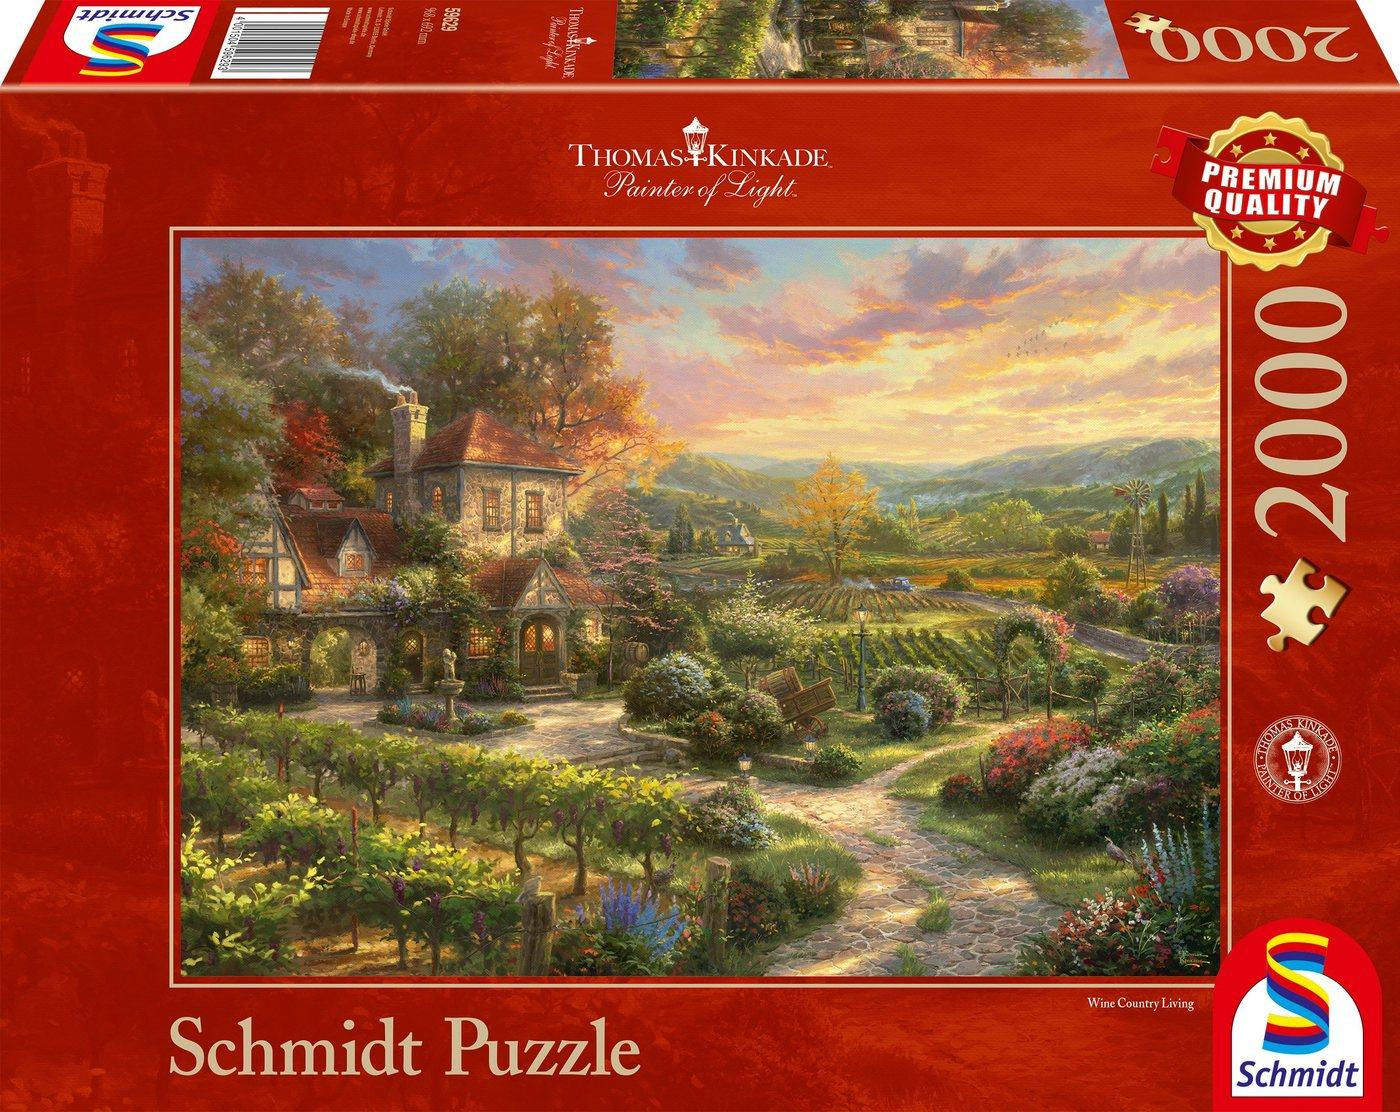 Schmidt Spiele Puzzle »In den Weinbergen«, 2000 Puzzleteile, Thomas Kinkade